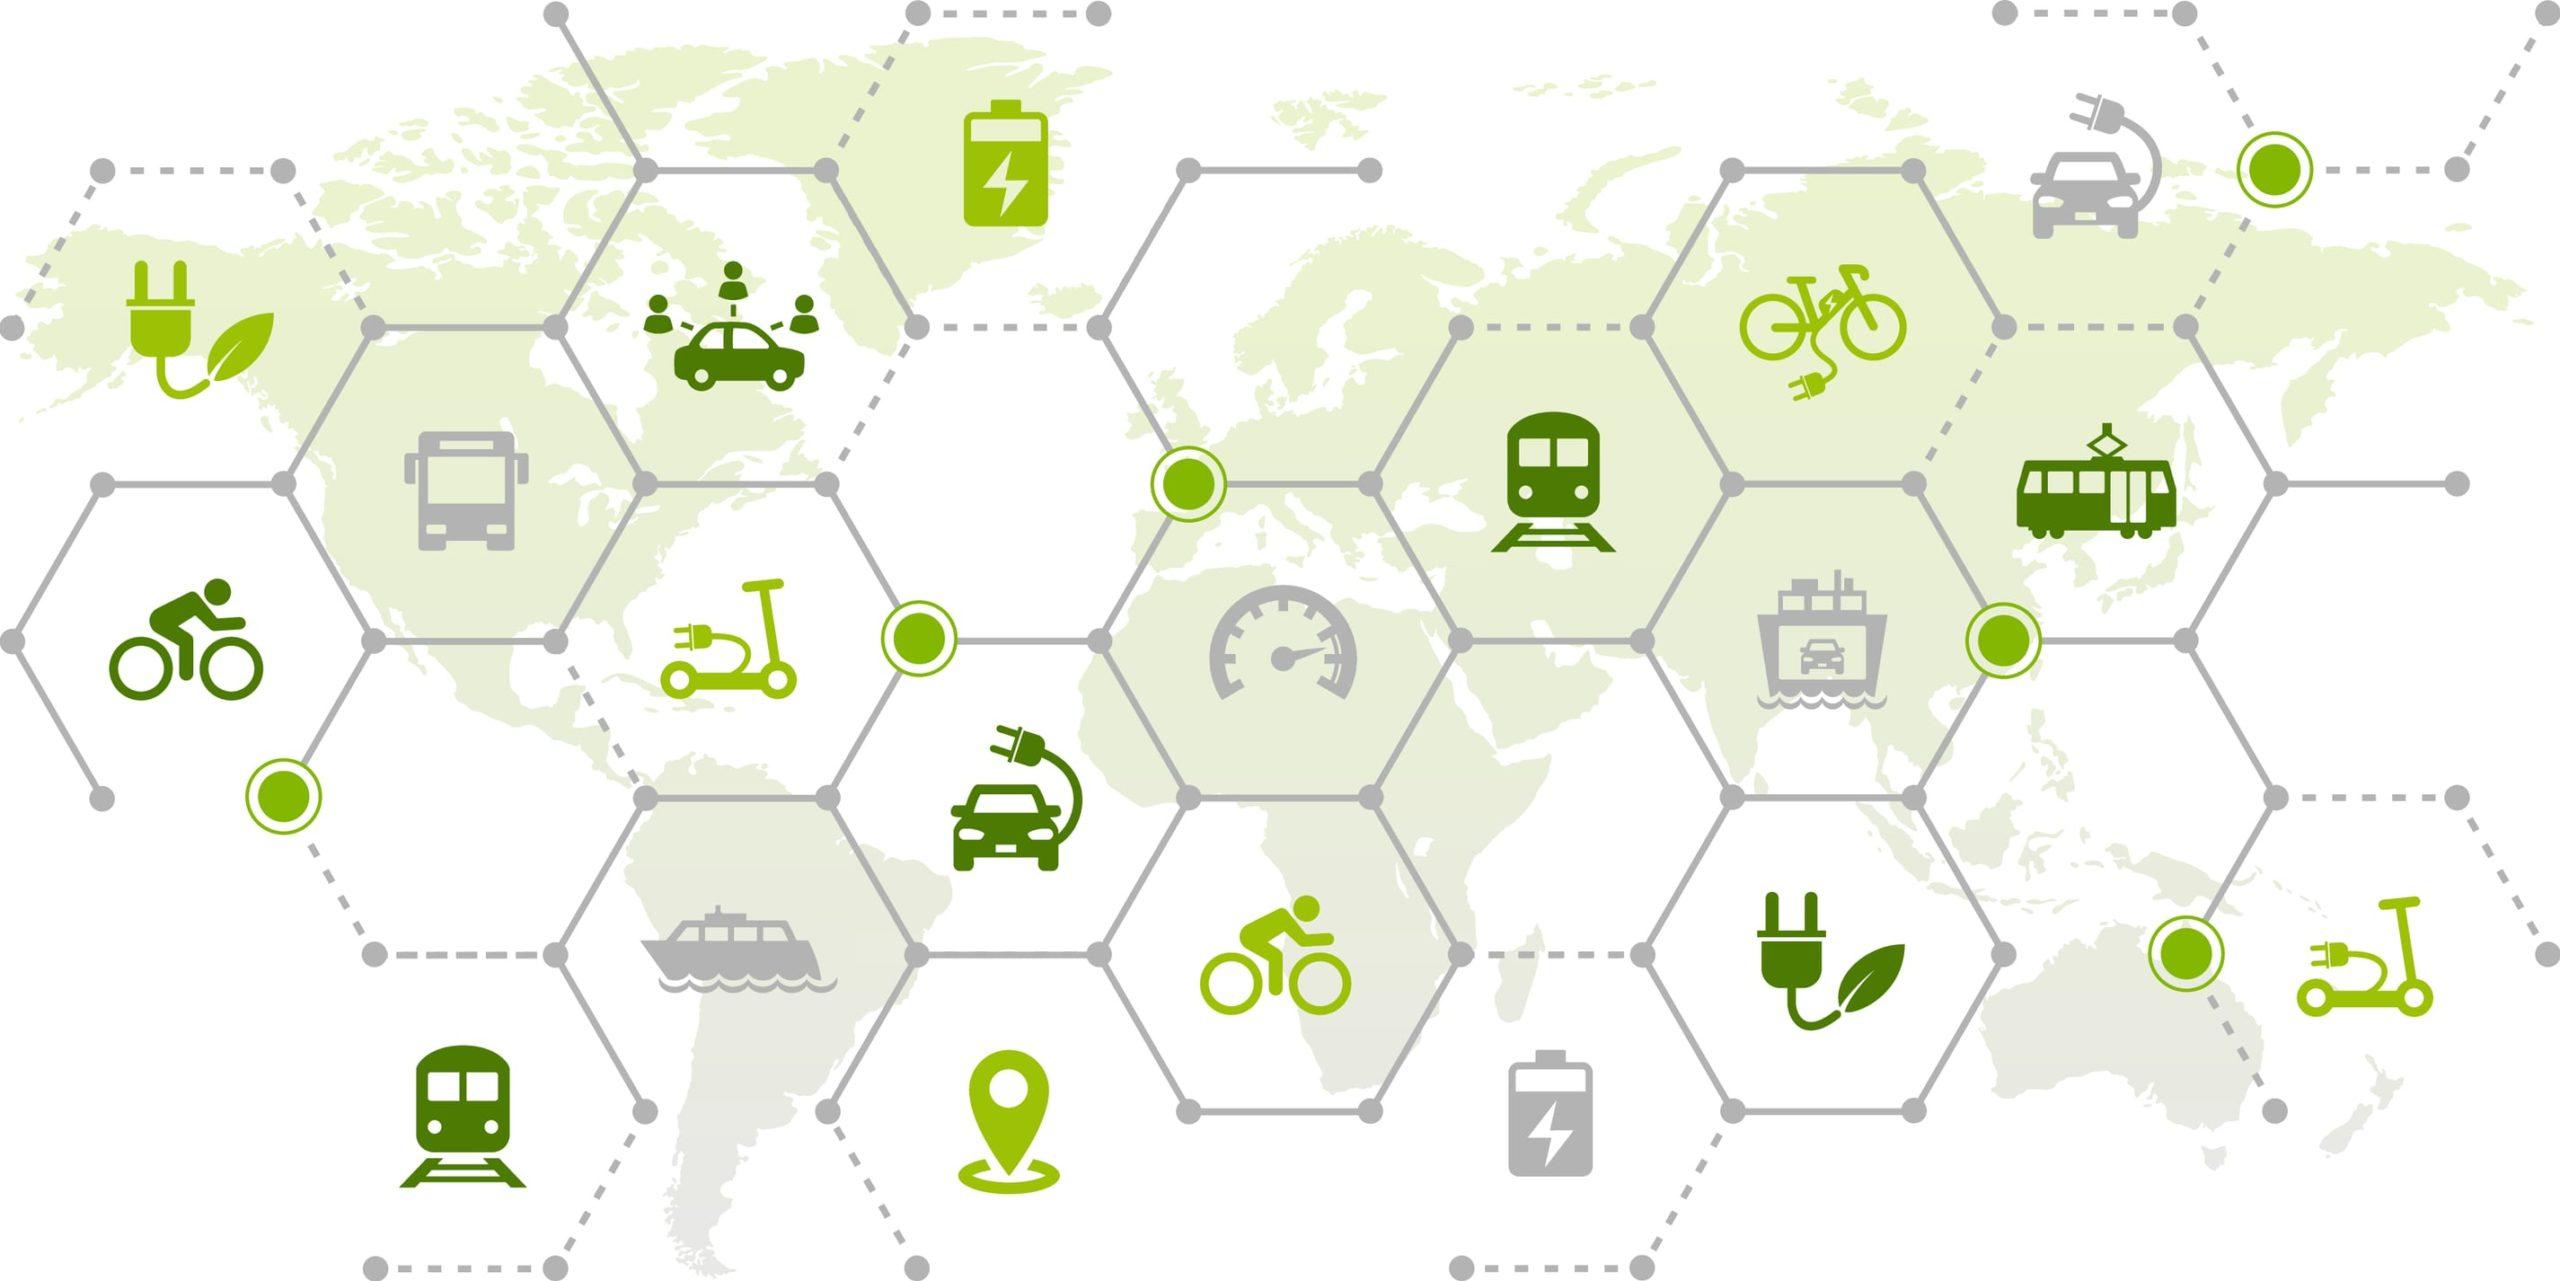 Italiani sempre più green: meno sprechi, più mobilità sostenibiel